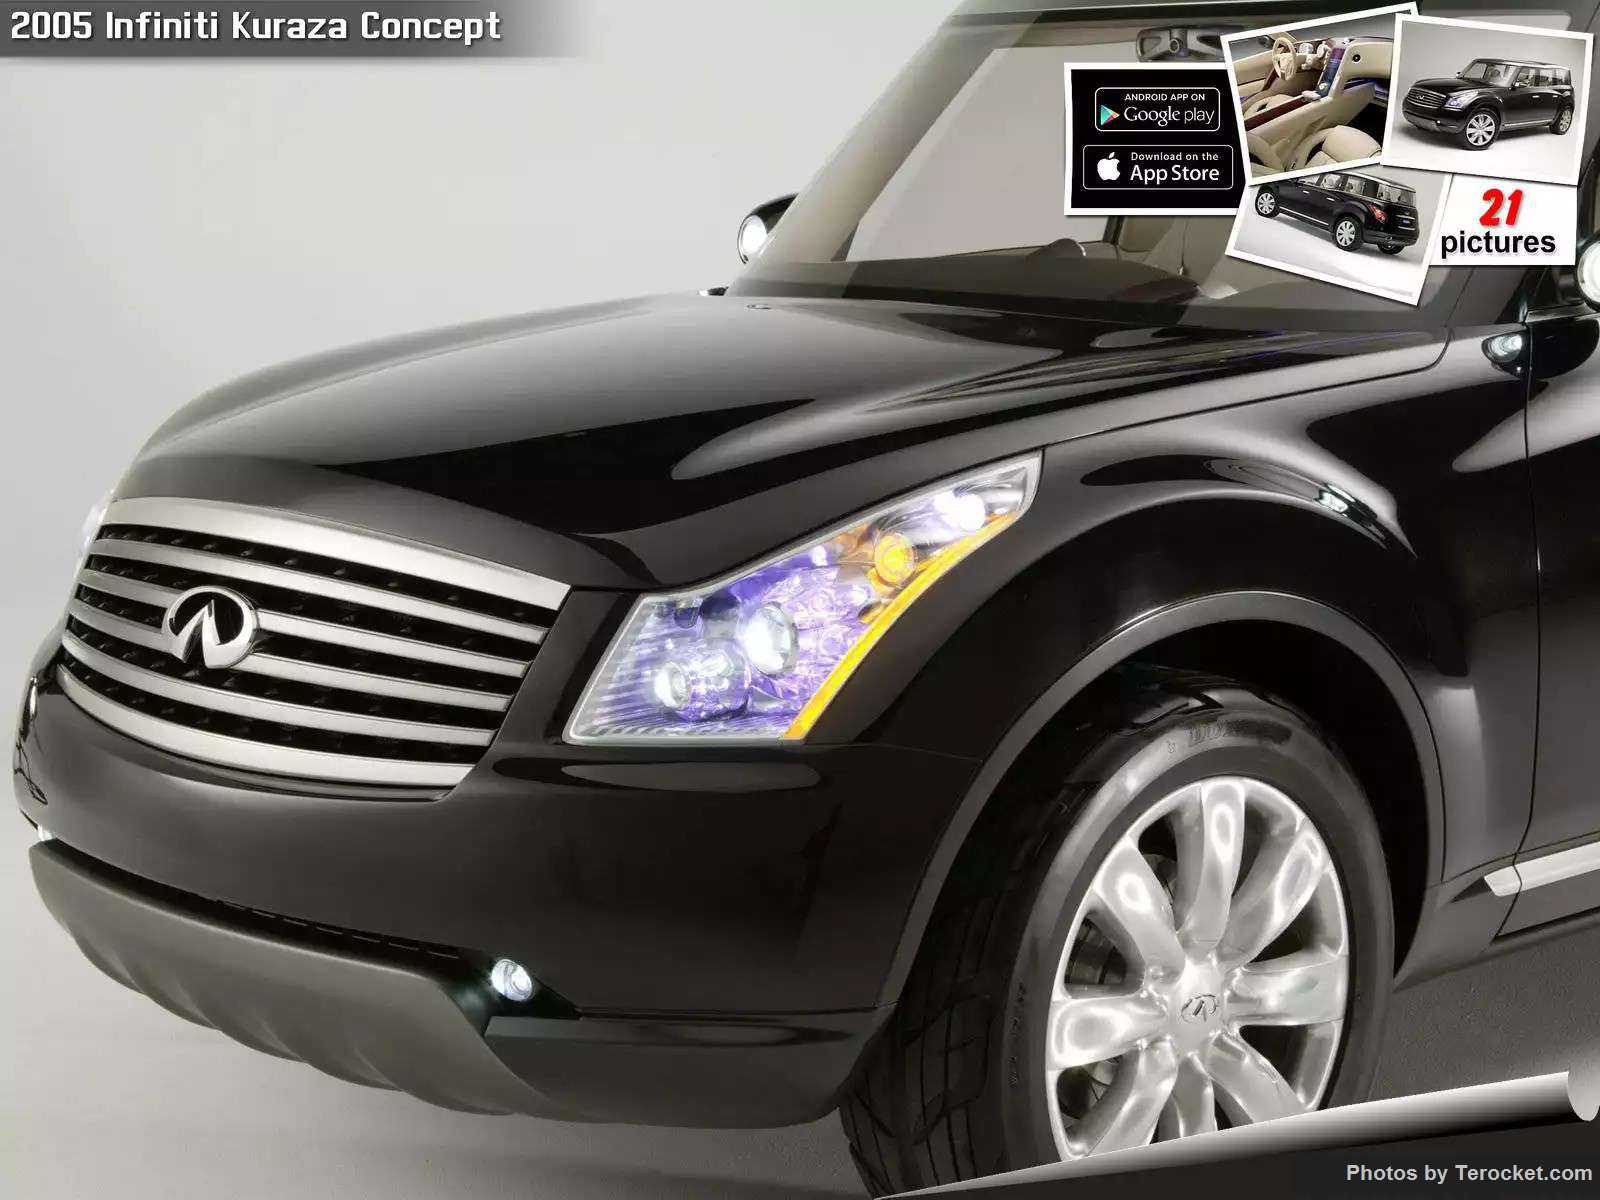 Hình ảnh xe ô tô Infiniti Kuraza Concept 2005 & nội ngoại thất